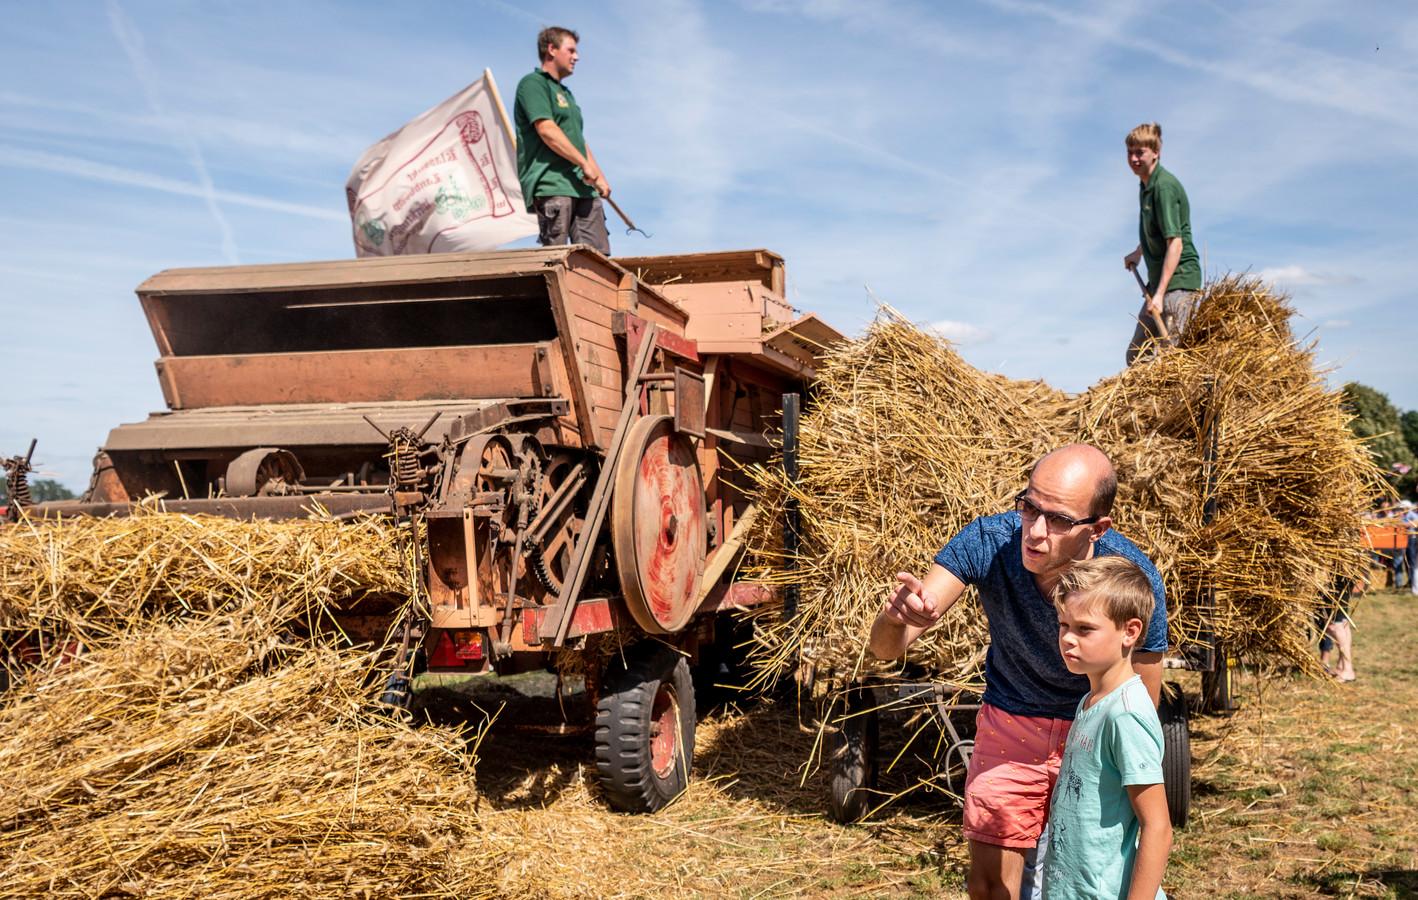 Ouderwetse oogsttechnieken waren te zien tijdens de Auwerwetse Boekelse Oogstdag.